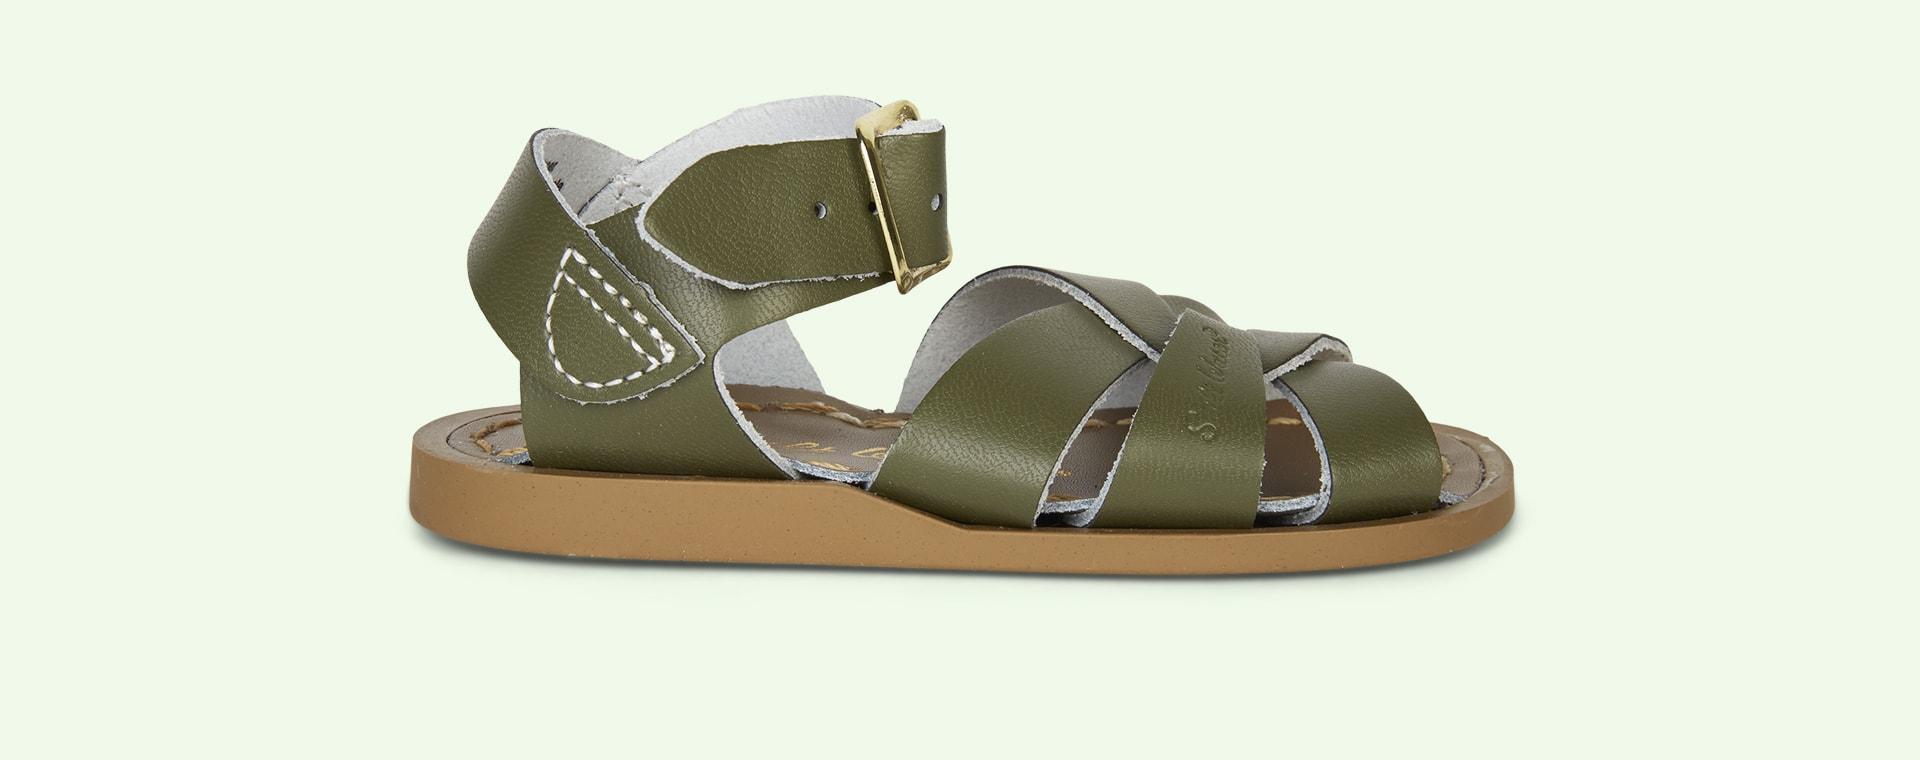 Olive Salt-Water Sandals The Original Salt Water Sandal